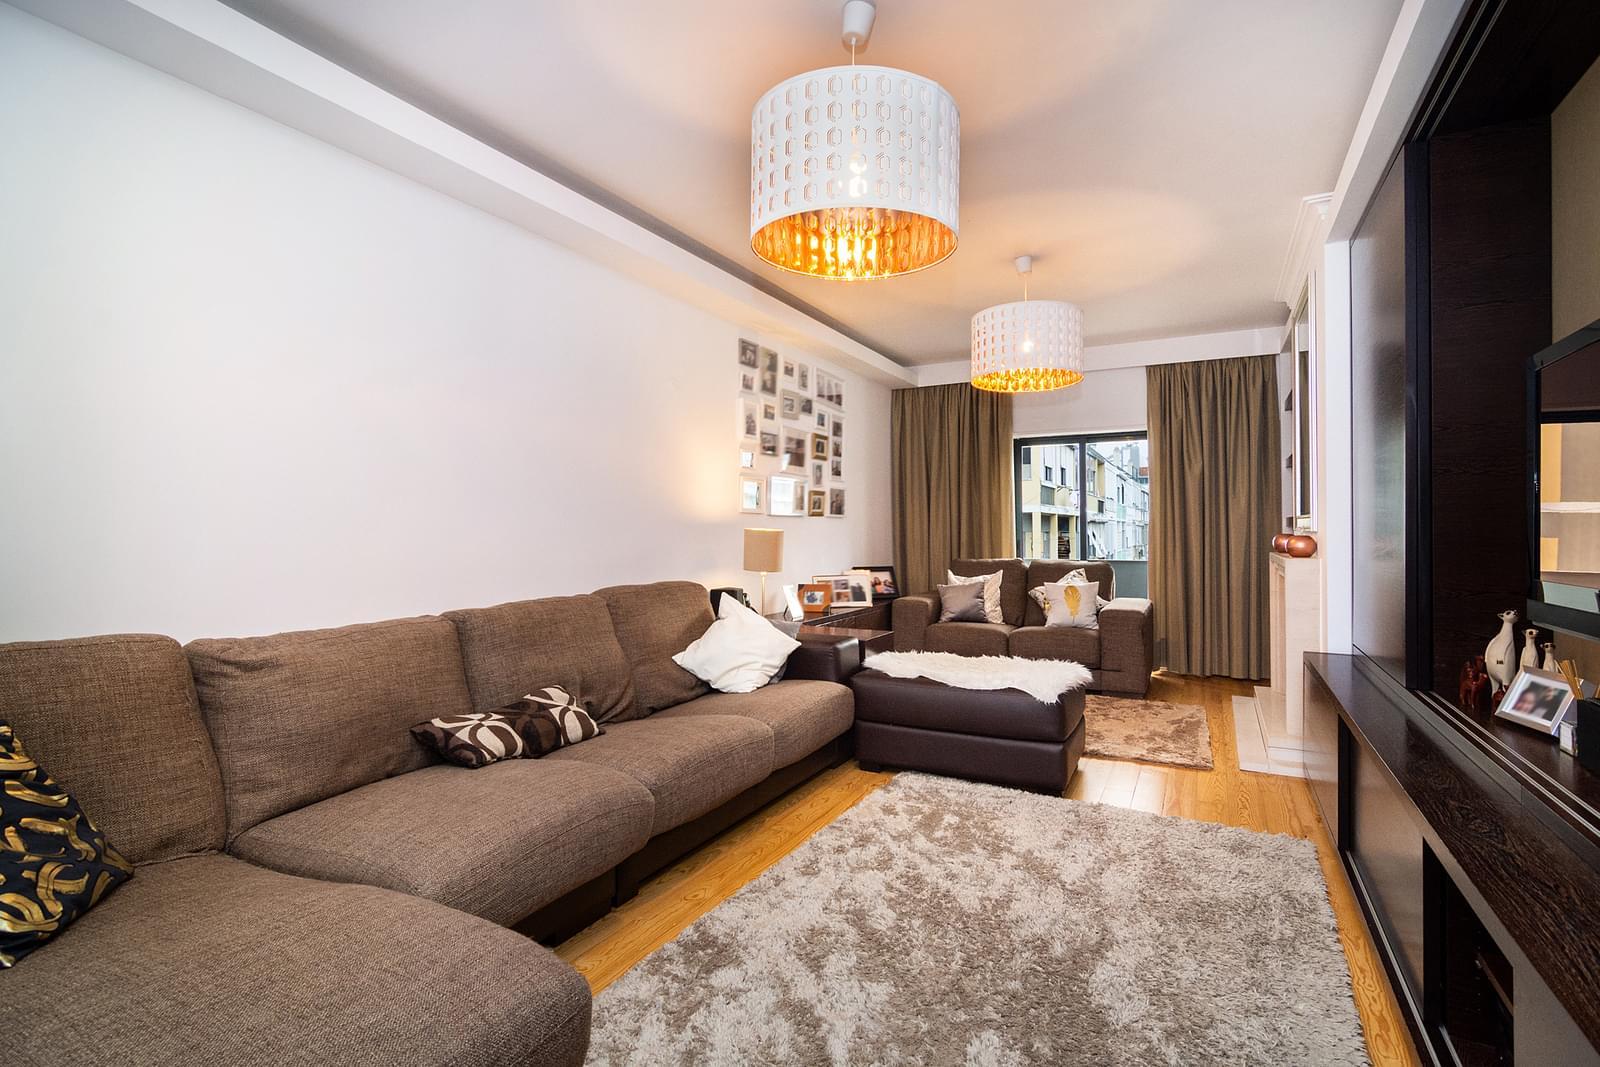 pf17626-apartamento-t6-lisboa-0f8766b0-17dc-4890-a98d-f7f2de6b9649